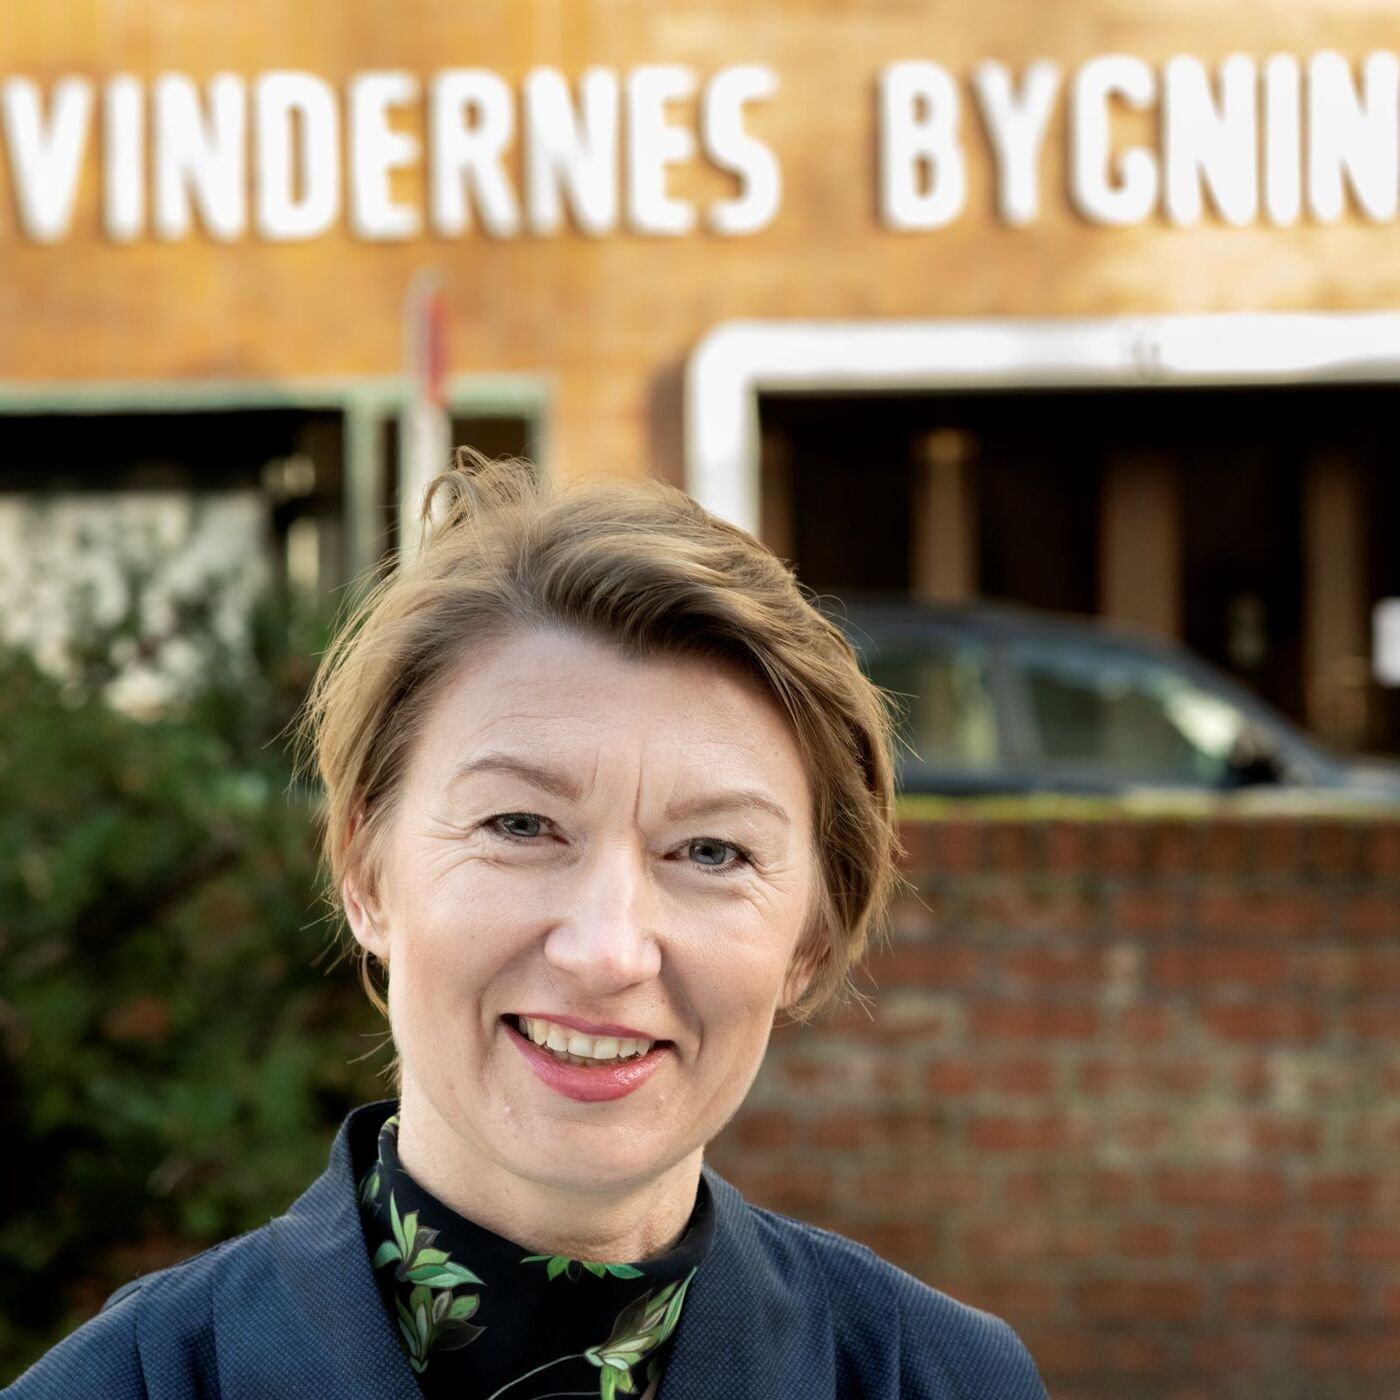 Kvindebevægelsen er en transformerende kraft i samfundet - samtale med direktør Lise Johansen Kvinderådet